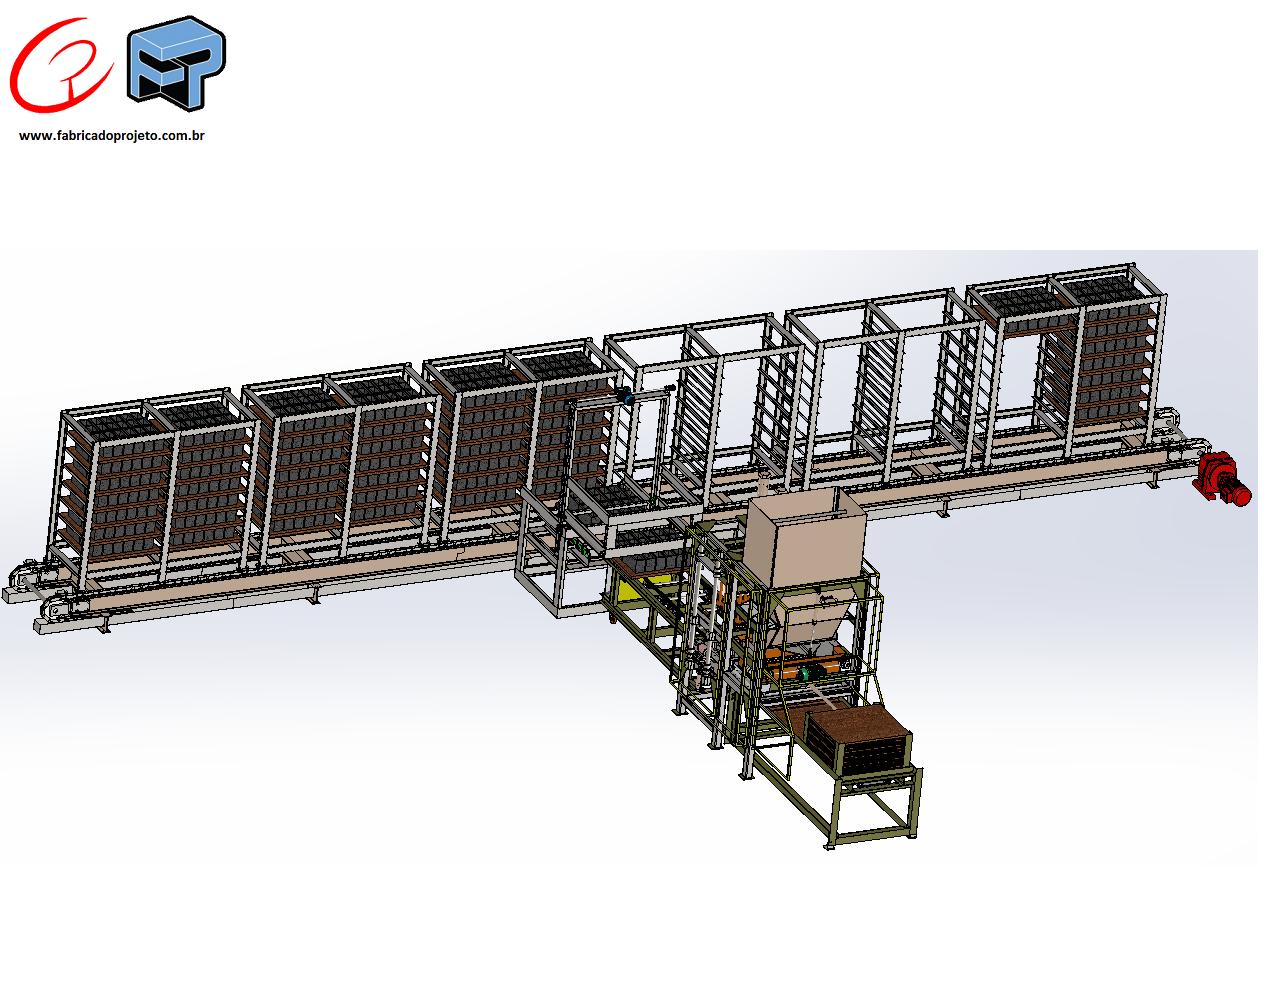 Projetos FP: Esteira de saída de blocos, com sistema de trac a rac